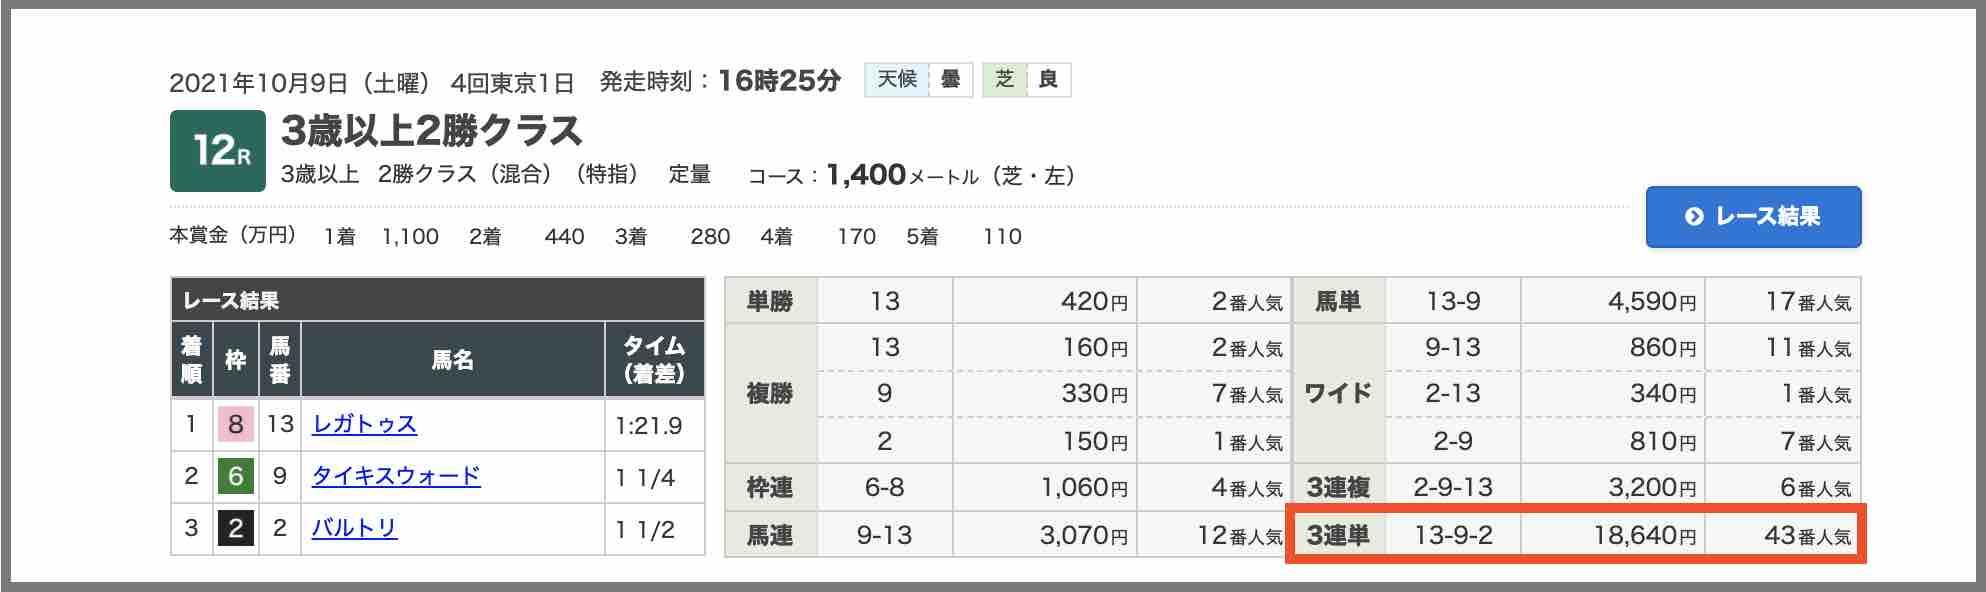 ターフビジョンという競馬予想サイトの直近の的中した予想のレース結果